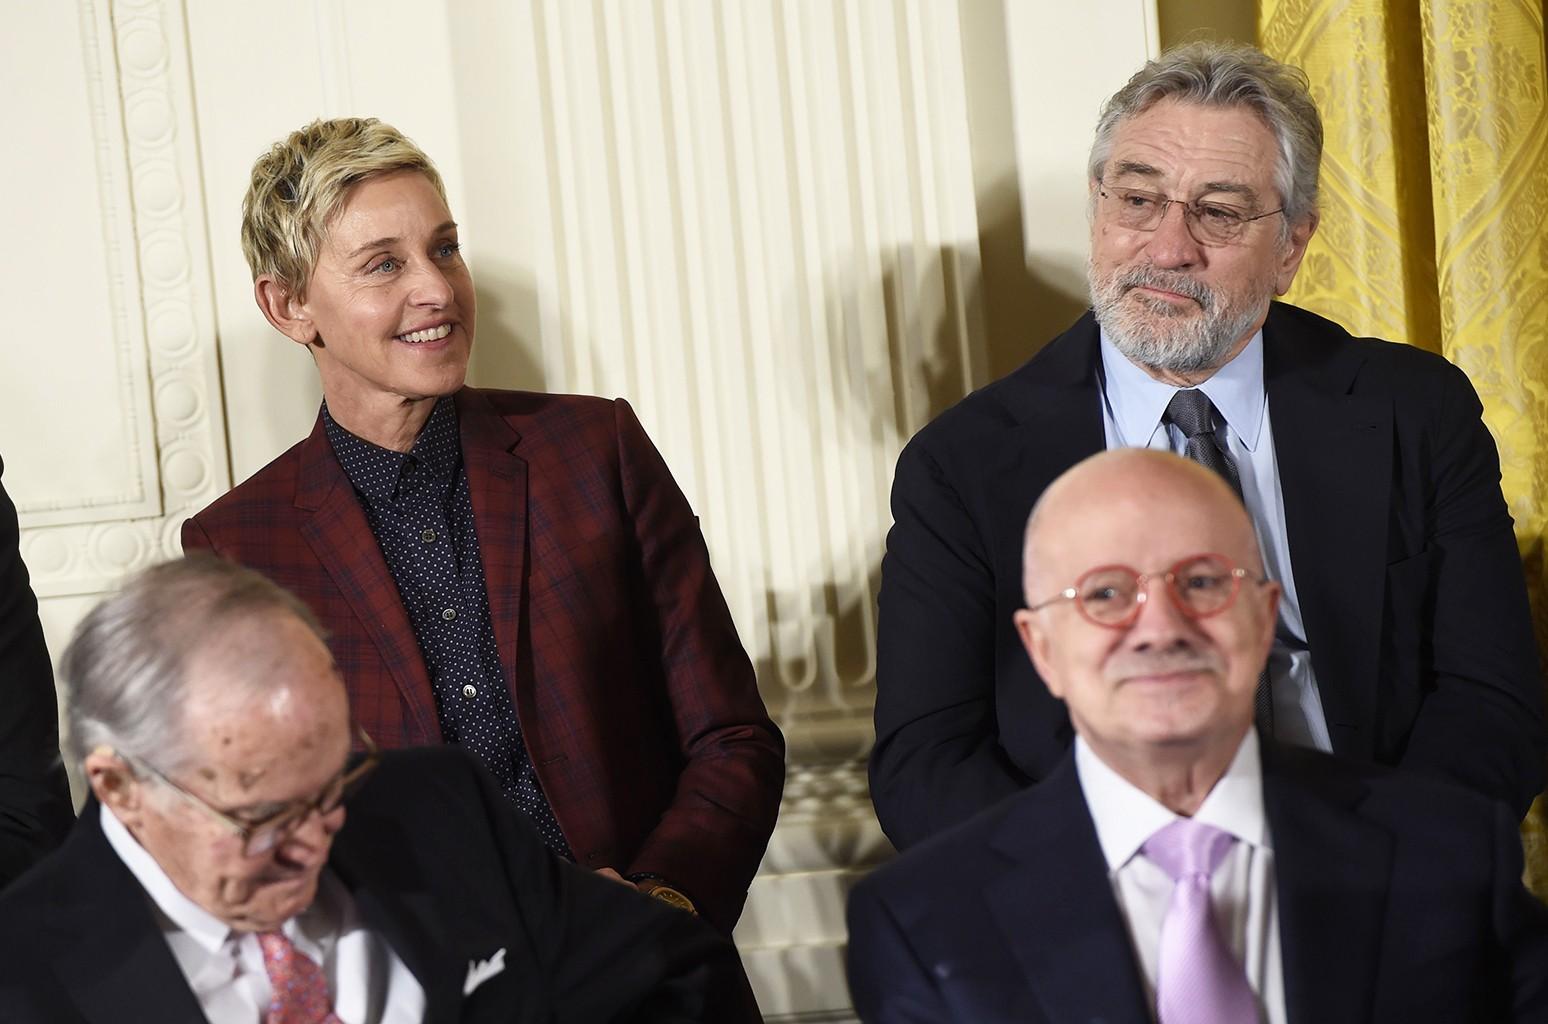 Ellen DeGeneres and Robert DeNiro